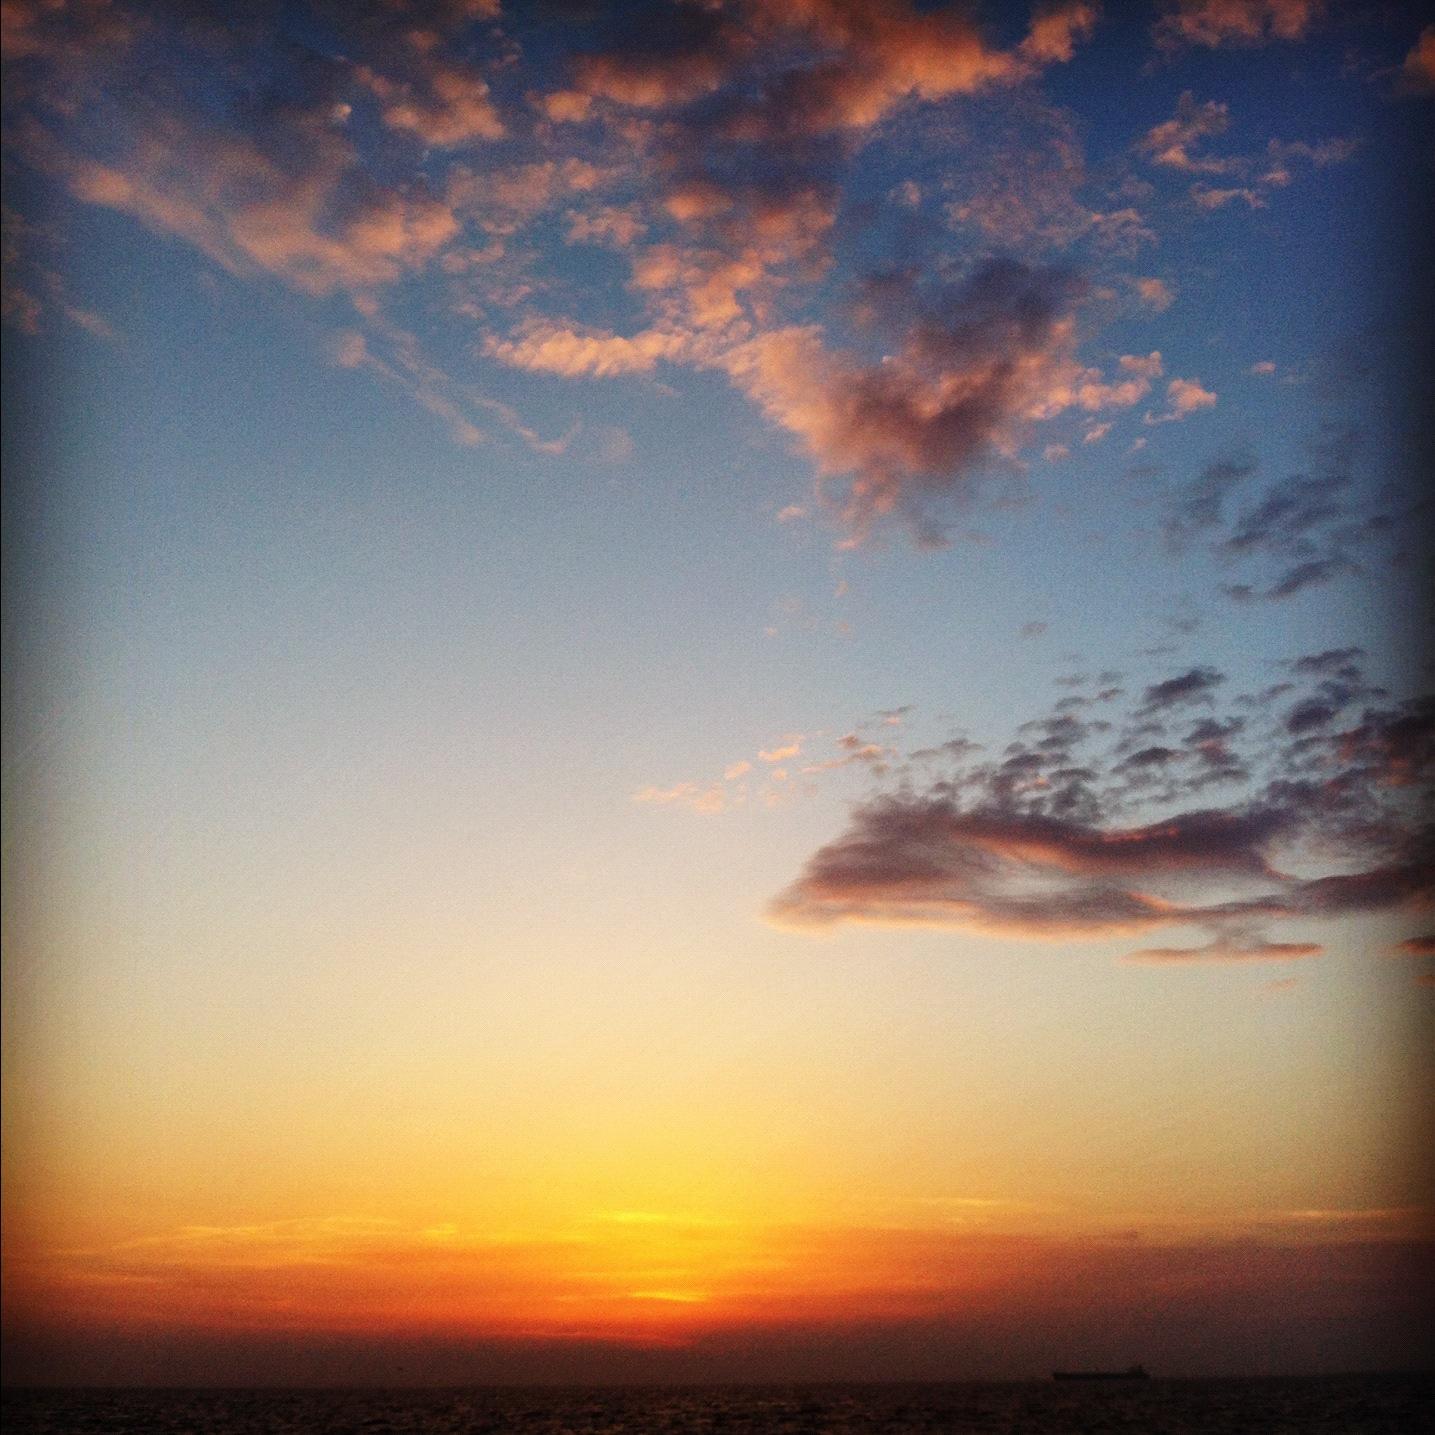 Sunset_err again